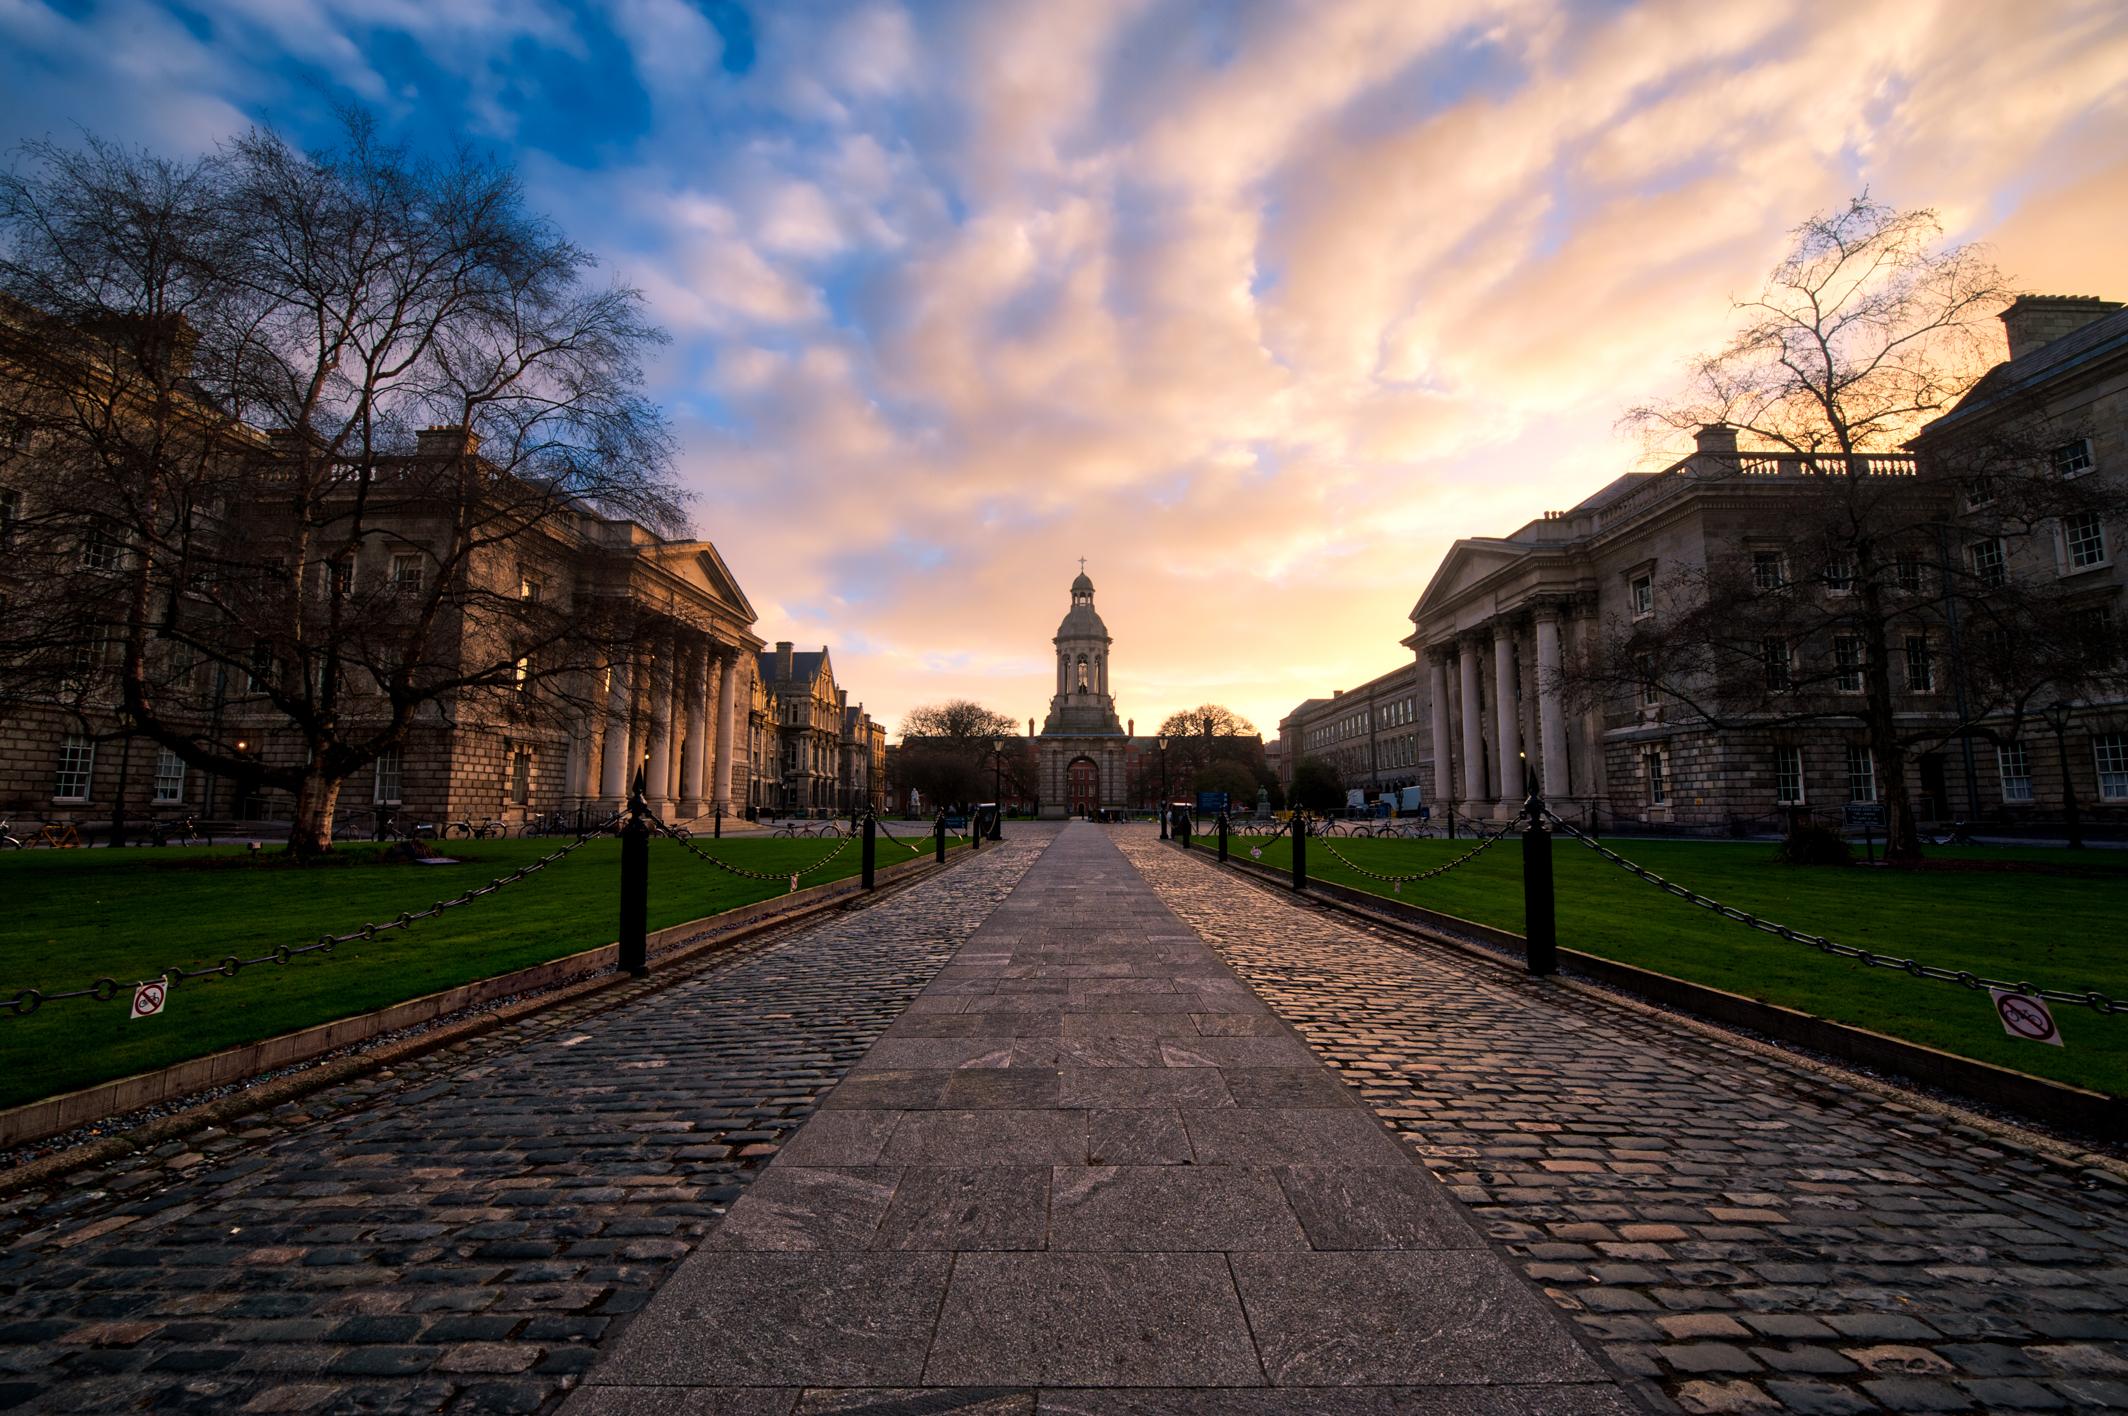 Ireland-Dublin-Trinity-College-sunrise-AuHDR-1.jpg